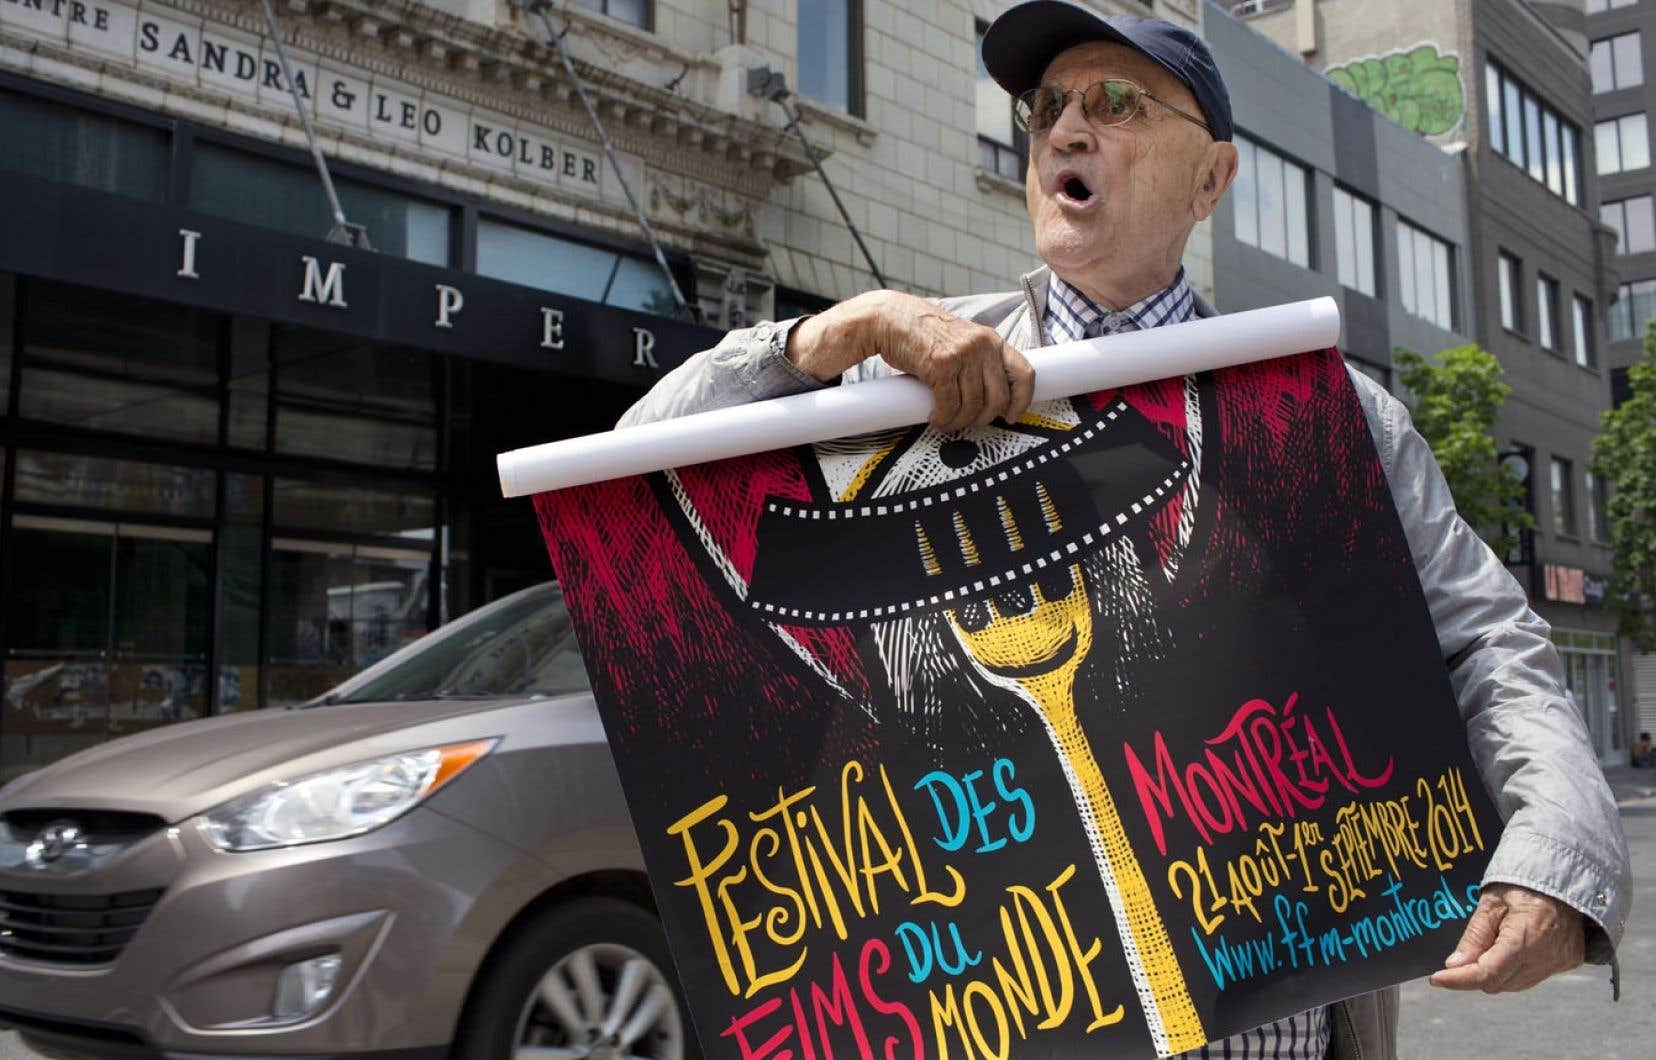 Le président du Festival des films du monde, Serge Losique, photographié devant le cinéma Impérial, mardi, avec l'affiche du 38e festival. Le FFM espère toujours s'entendre avec les bailleurs de fonds pour permettre la tenue du prochain festival, fin août.